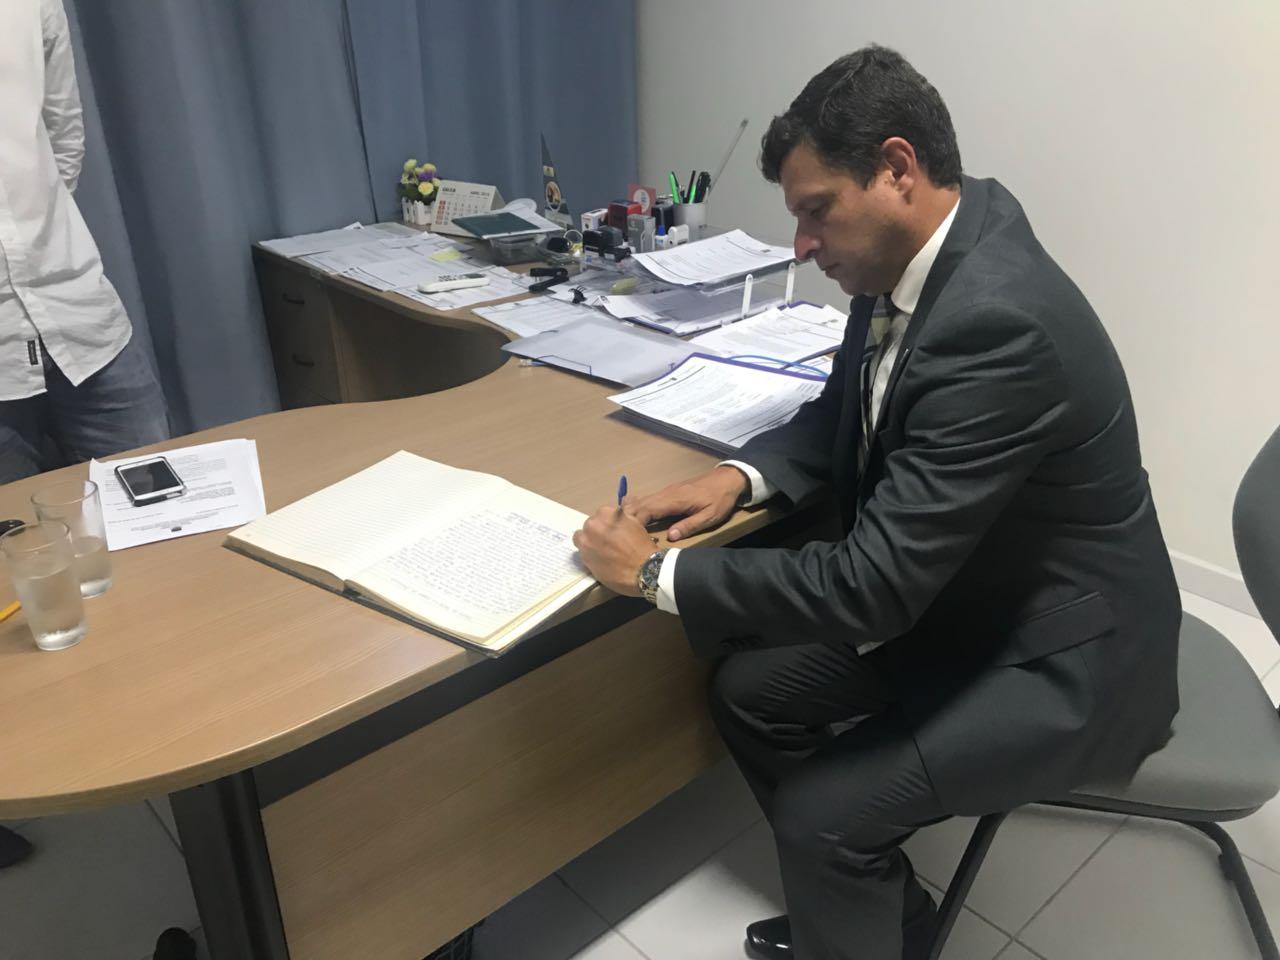 93ab28ed 6e09 4c59 bd07 a67ed79f86fa - Vítor Hugo cancela contrato com empresa de segurança envolvida na Operação Xeque-Mate